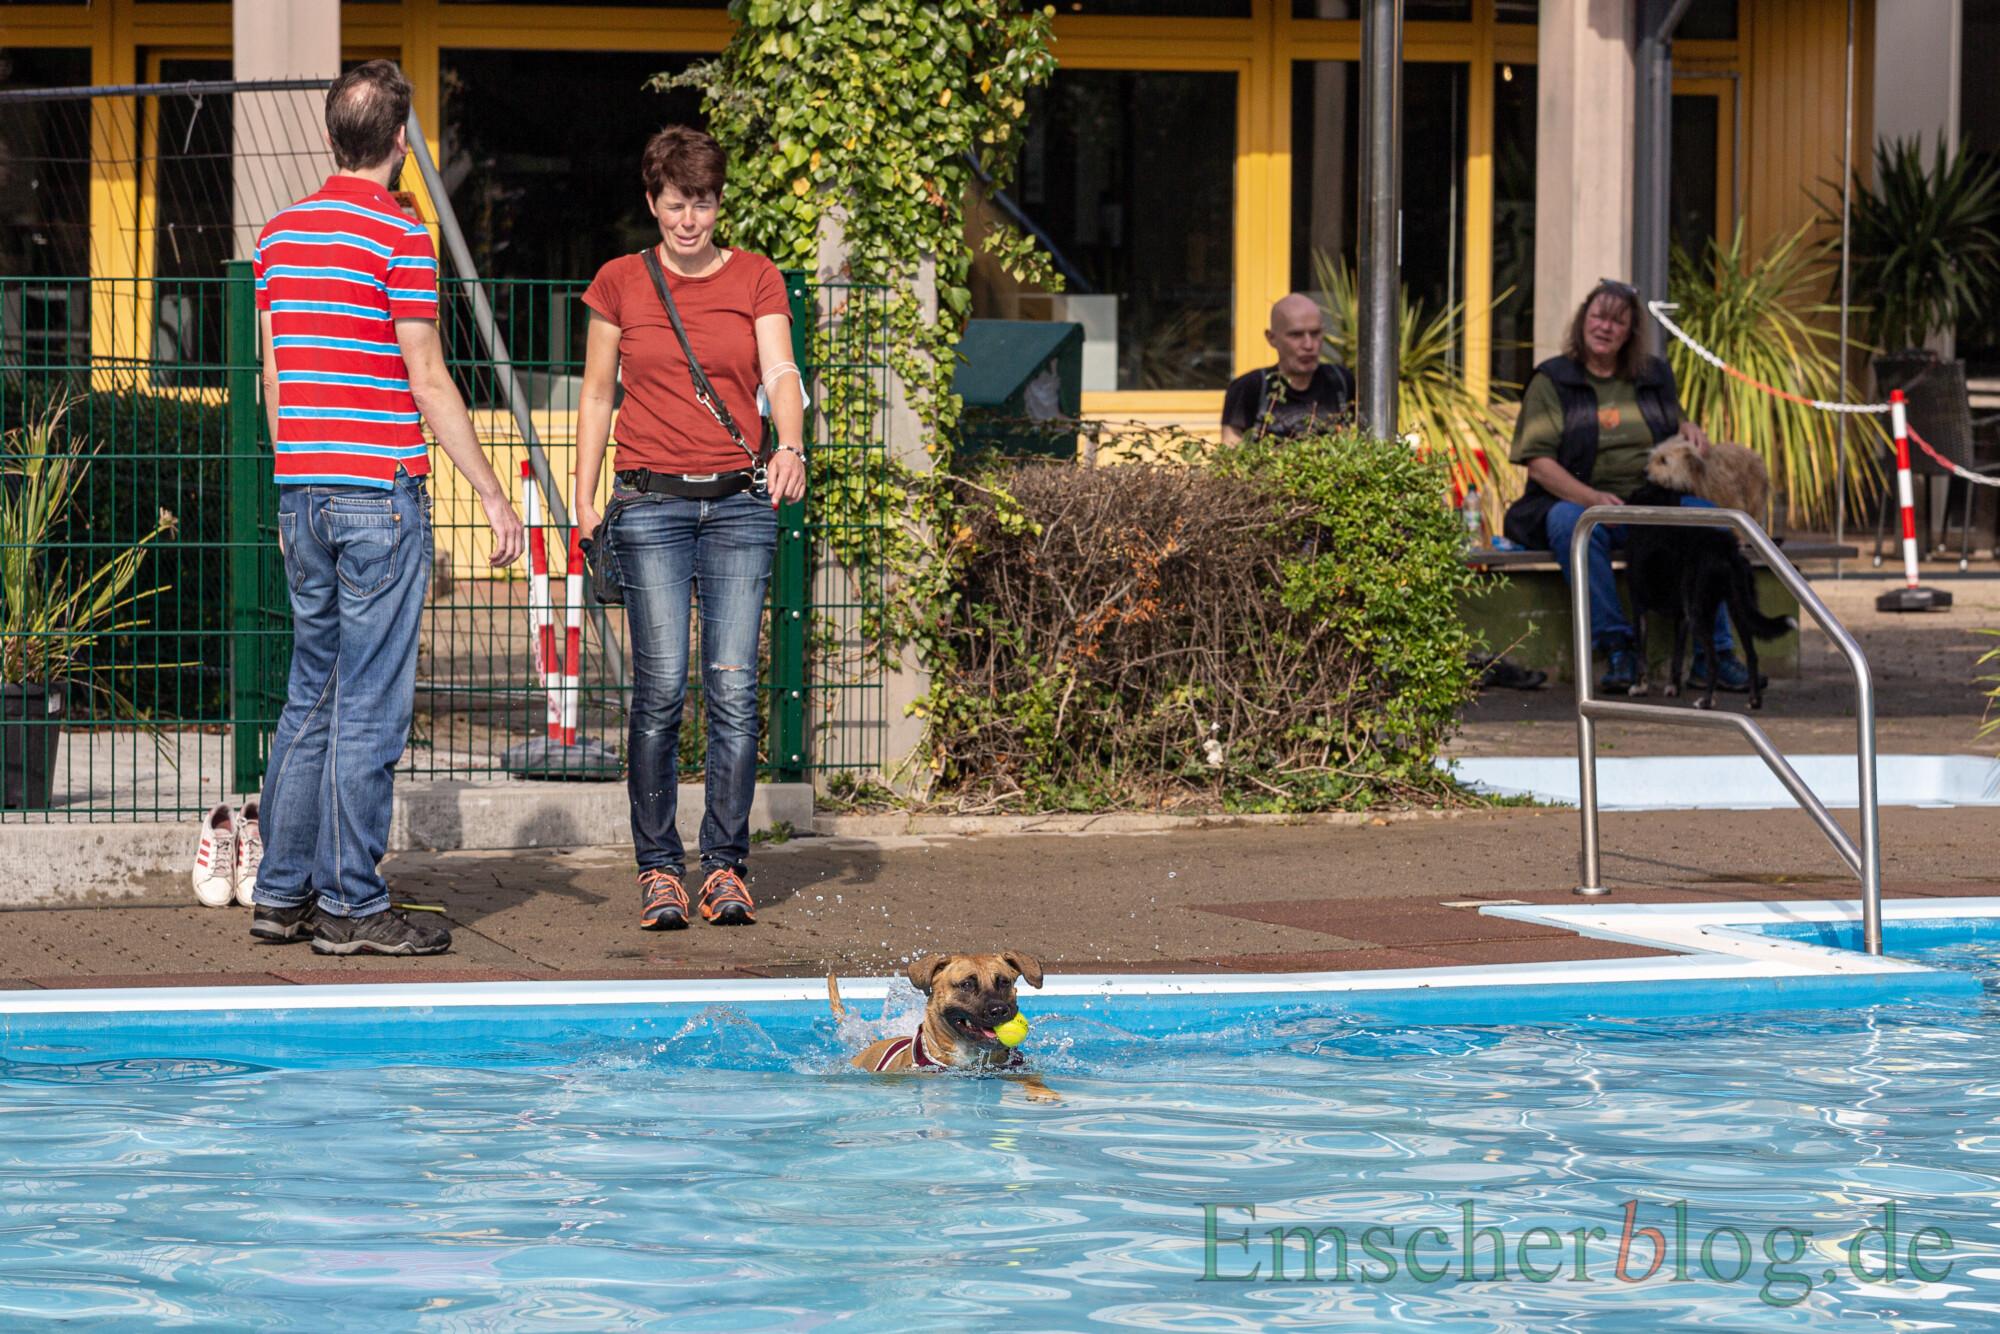 Knapp 500 zahlende Besucher beim Hundeschwimmen zum Saisonabschluss im Freibad Schöne Flöte